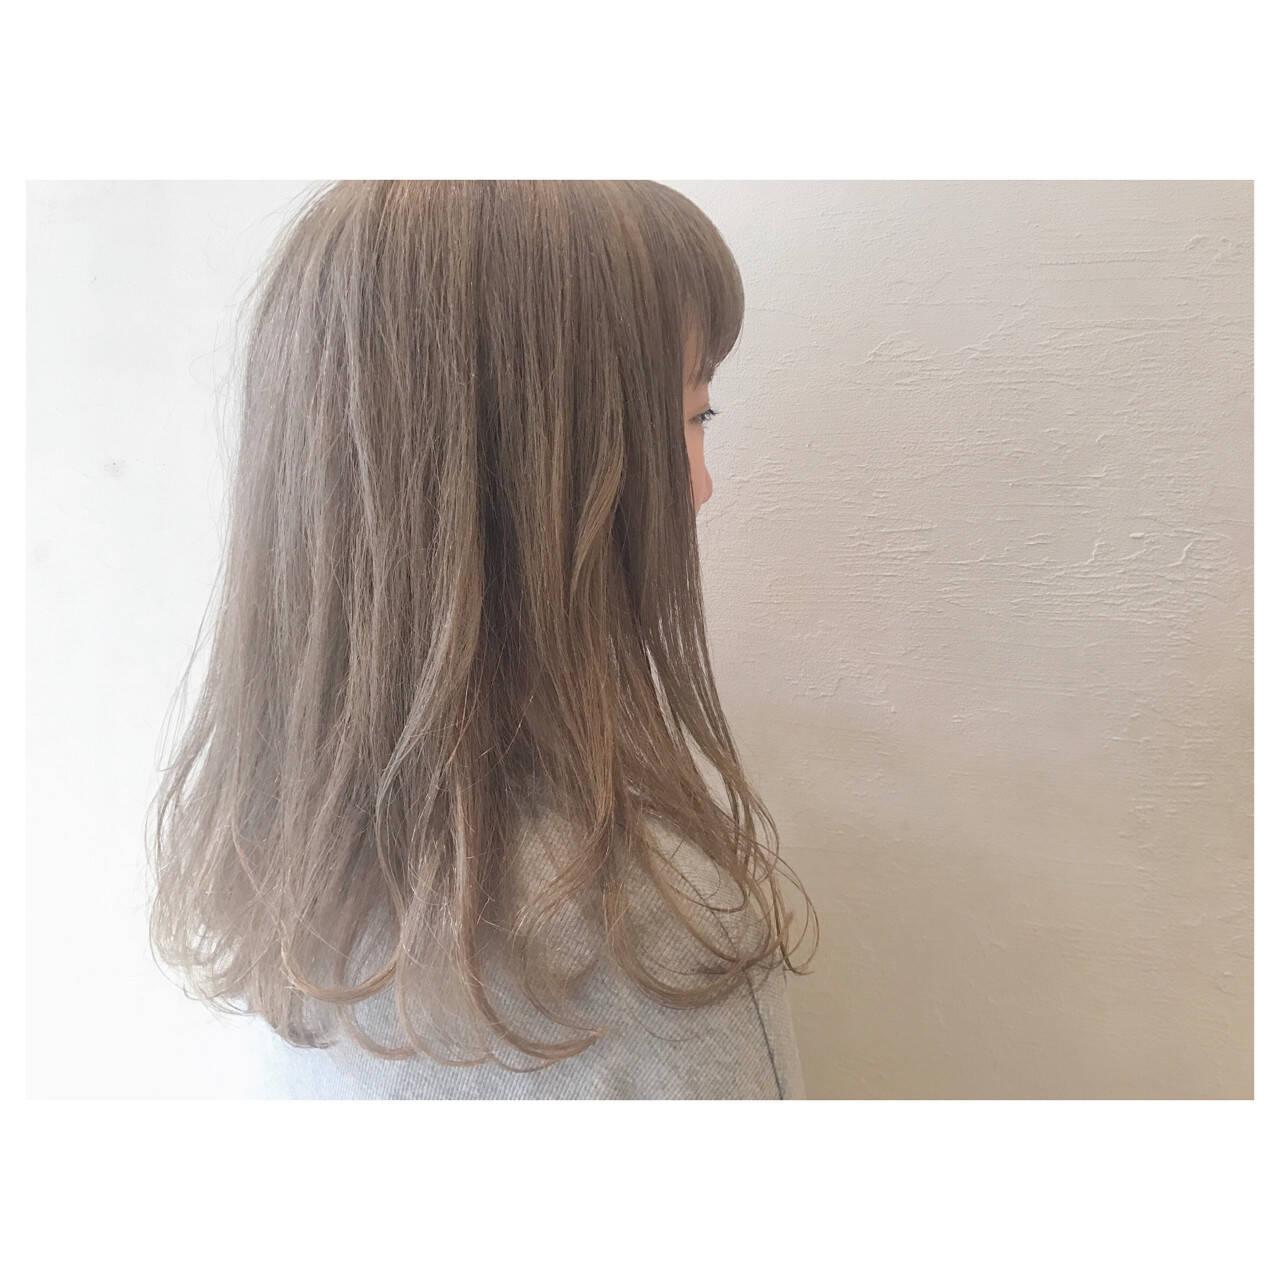 グレージュ ハイトーン ゆるふわ フェミニンヘアスタイルや髪型の写真・画像